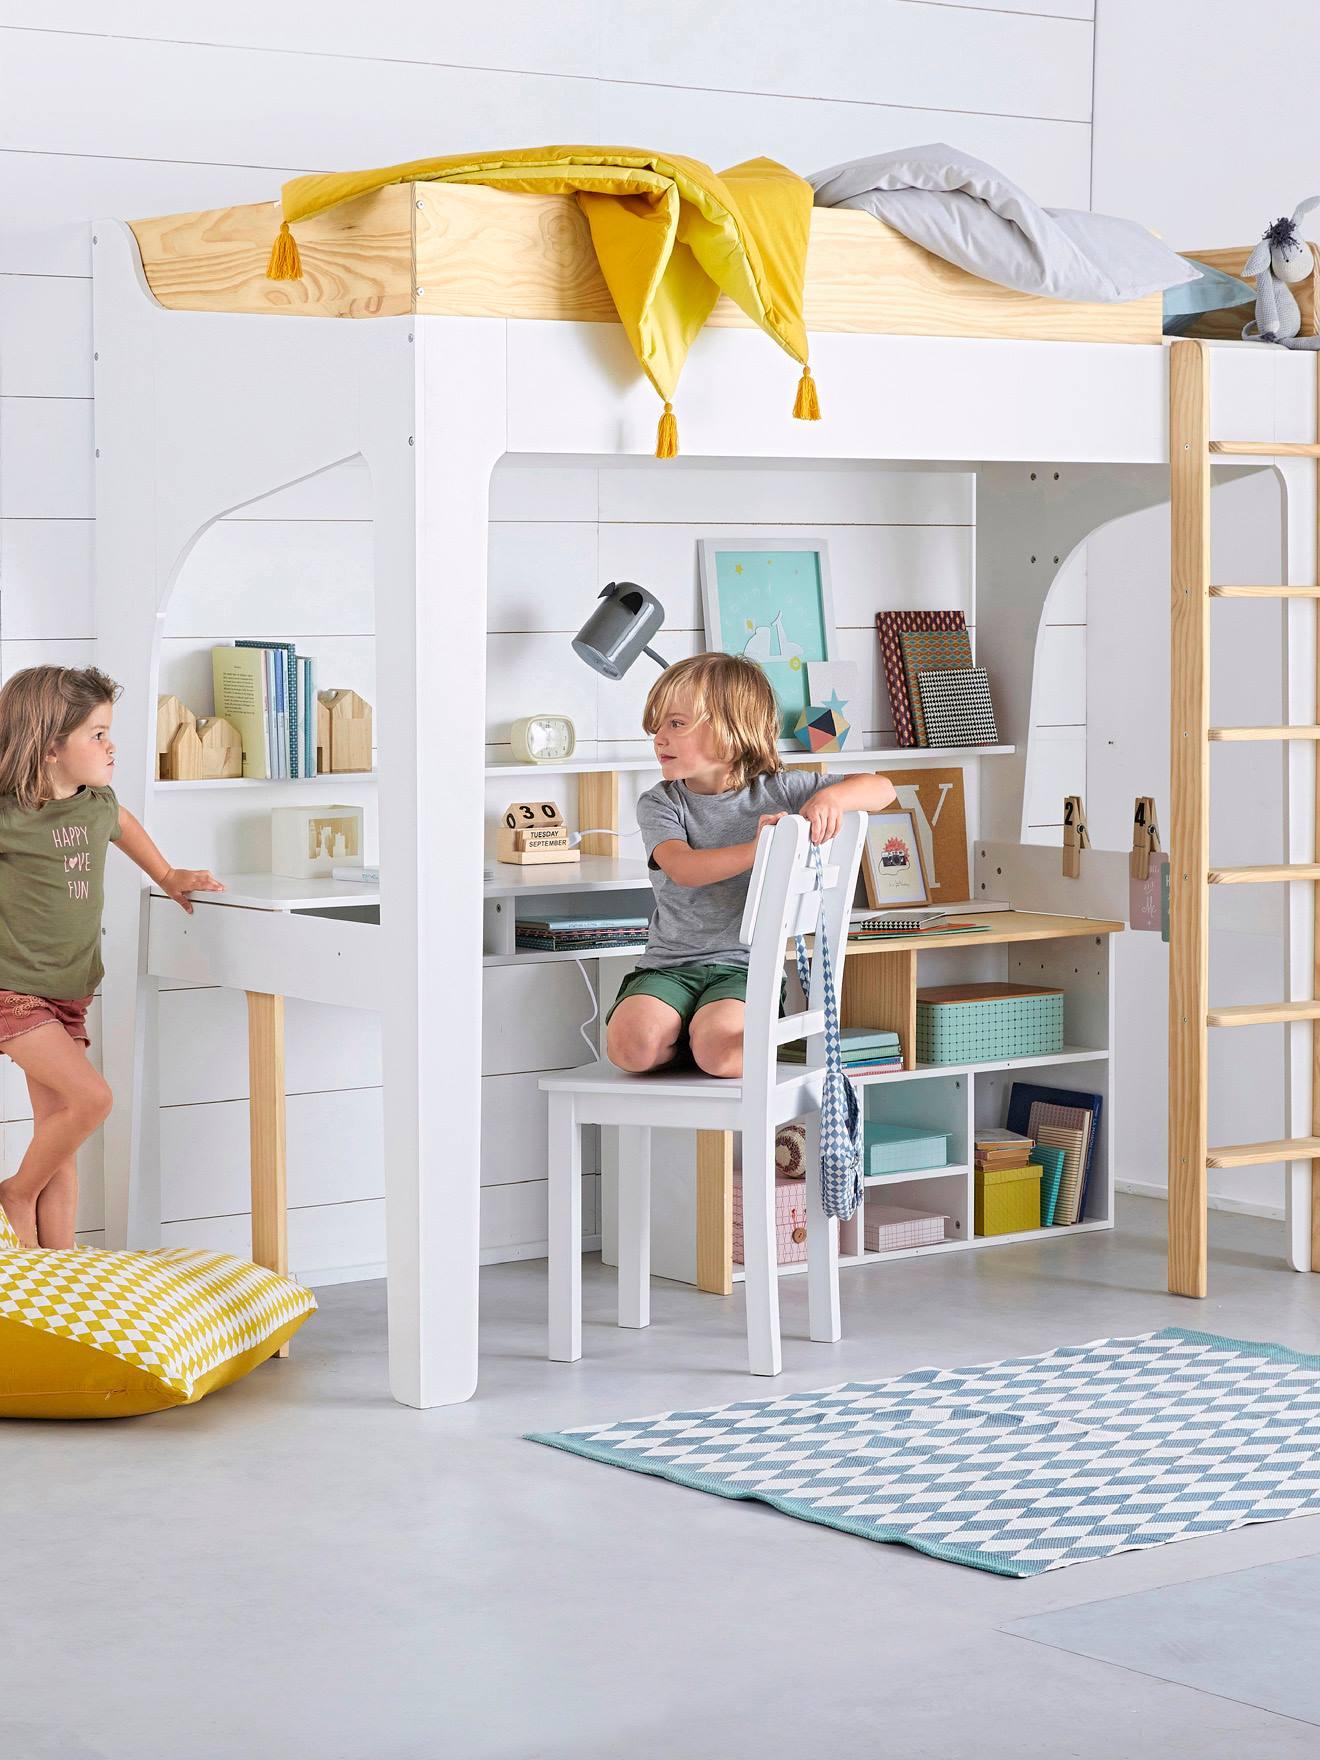 Full Size of Regal Kinderzimmer Weiß Sofa Regale Kinderzimmer Hochbetten Kinderzimmer